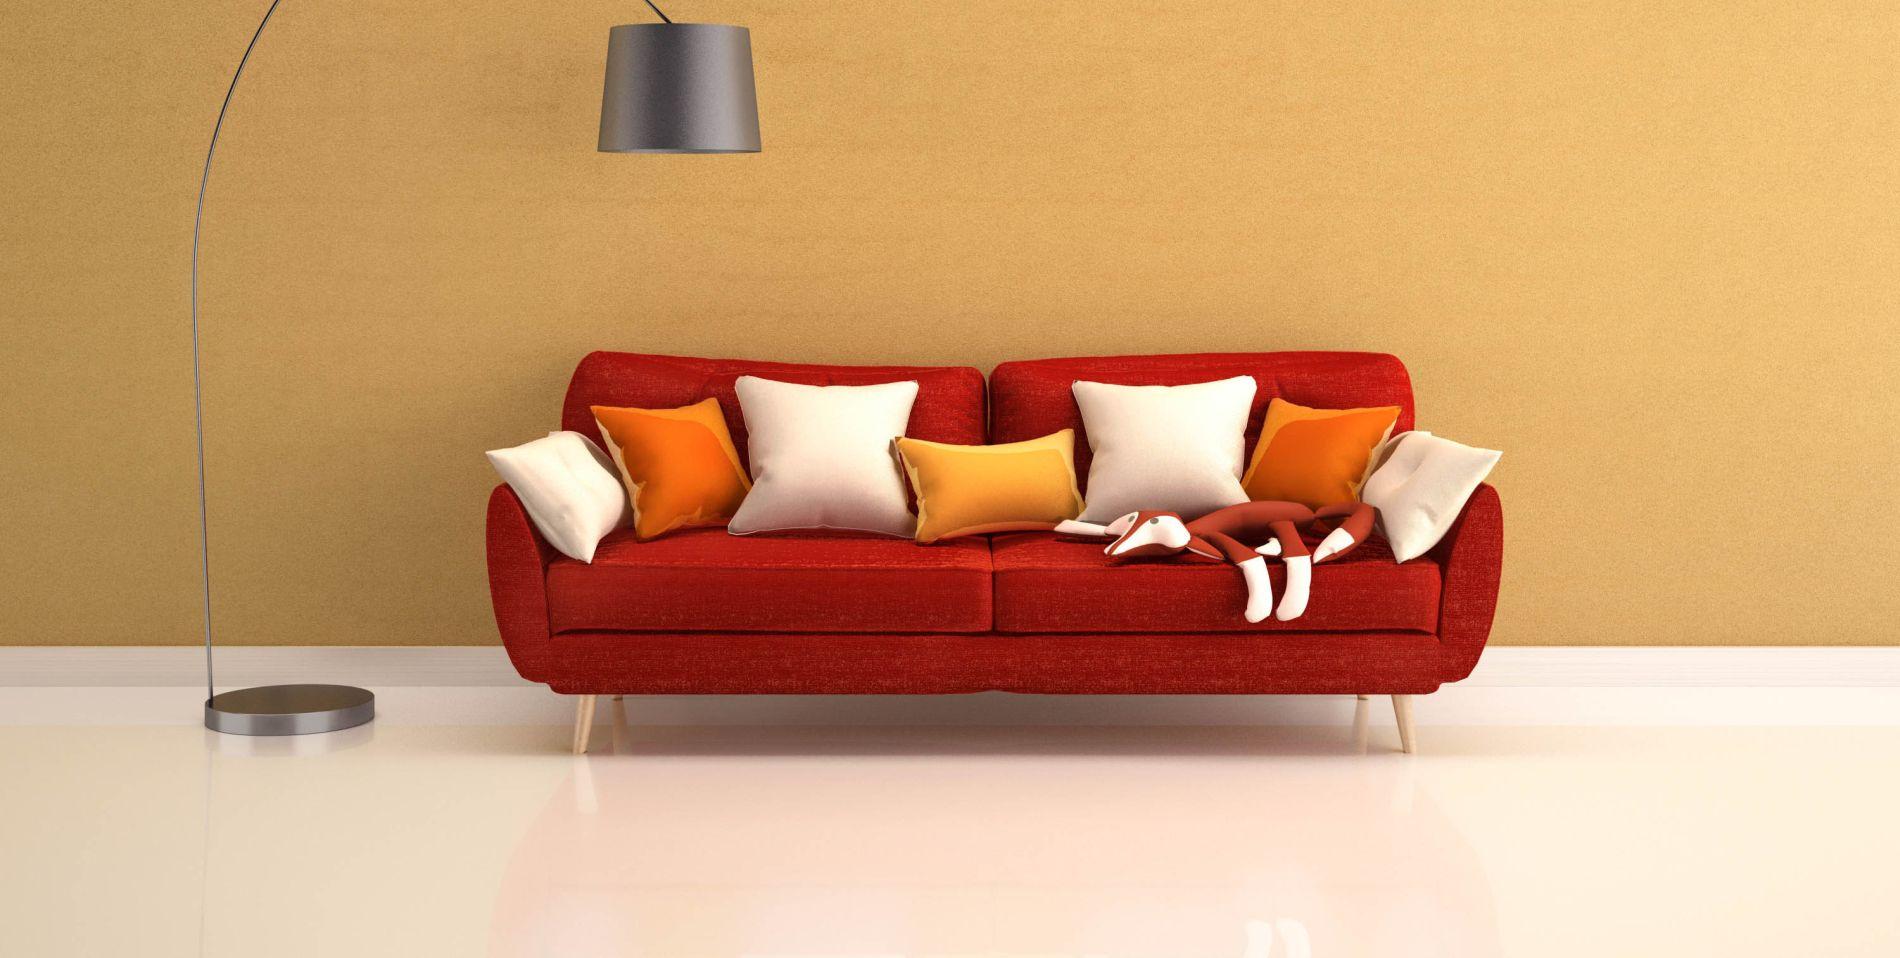 5 decorațiuni mici care aduc schimbări mari în casa ta